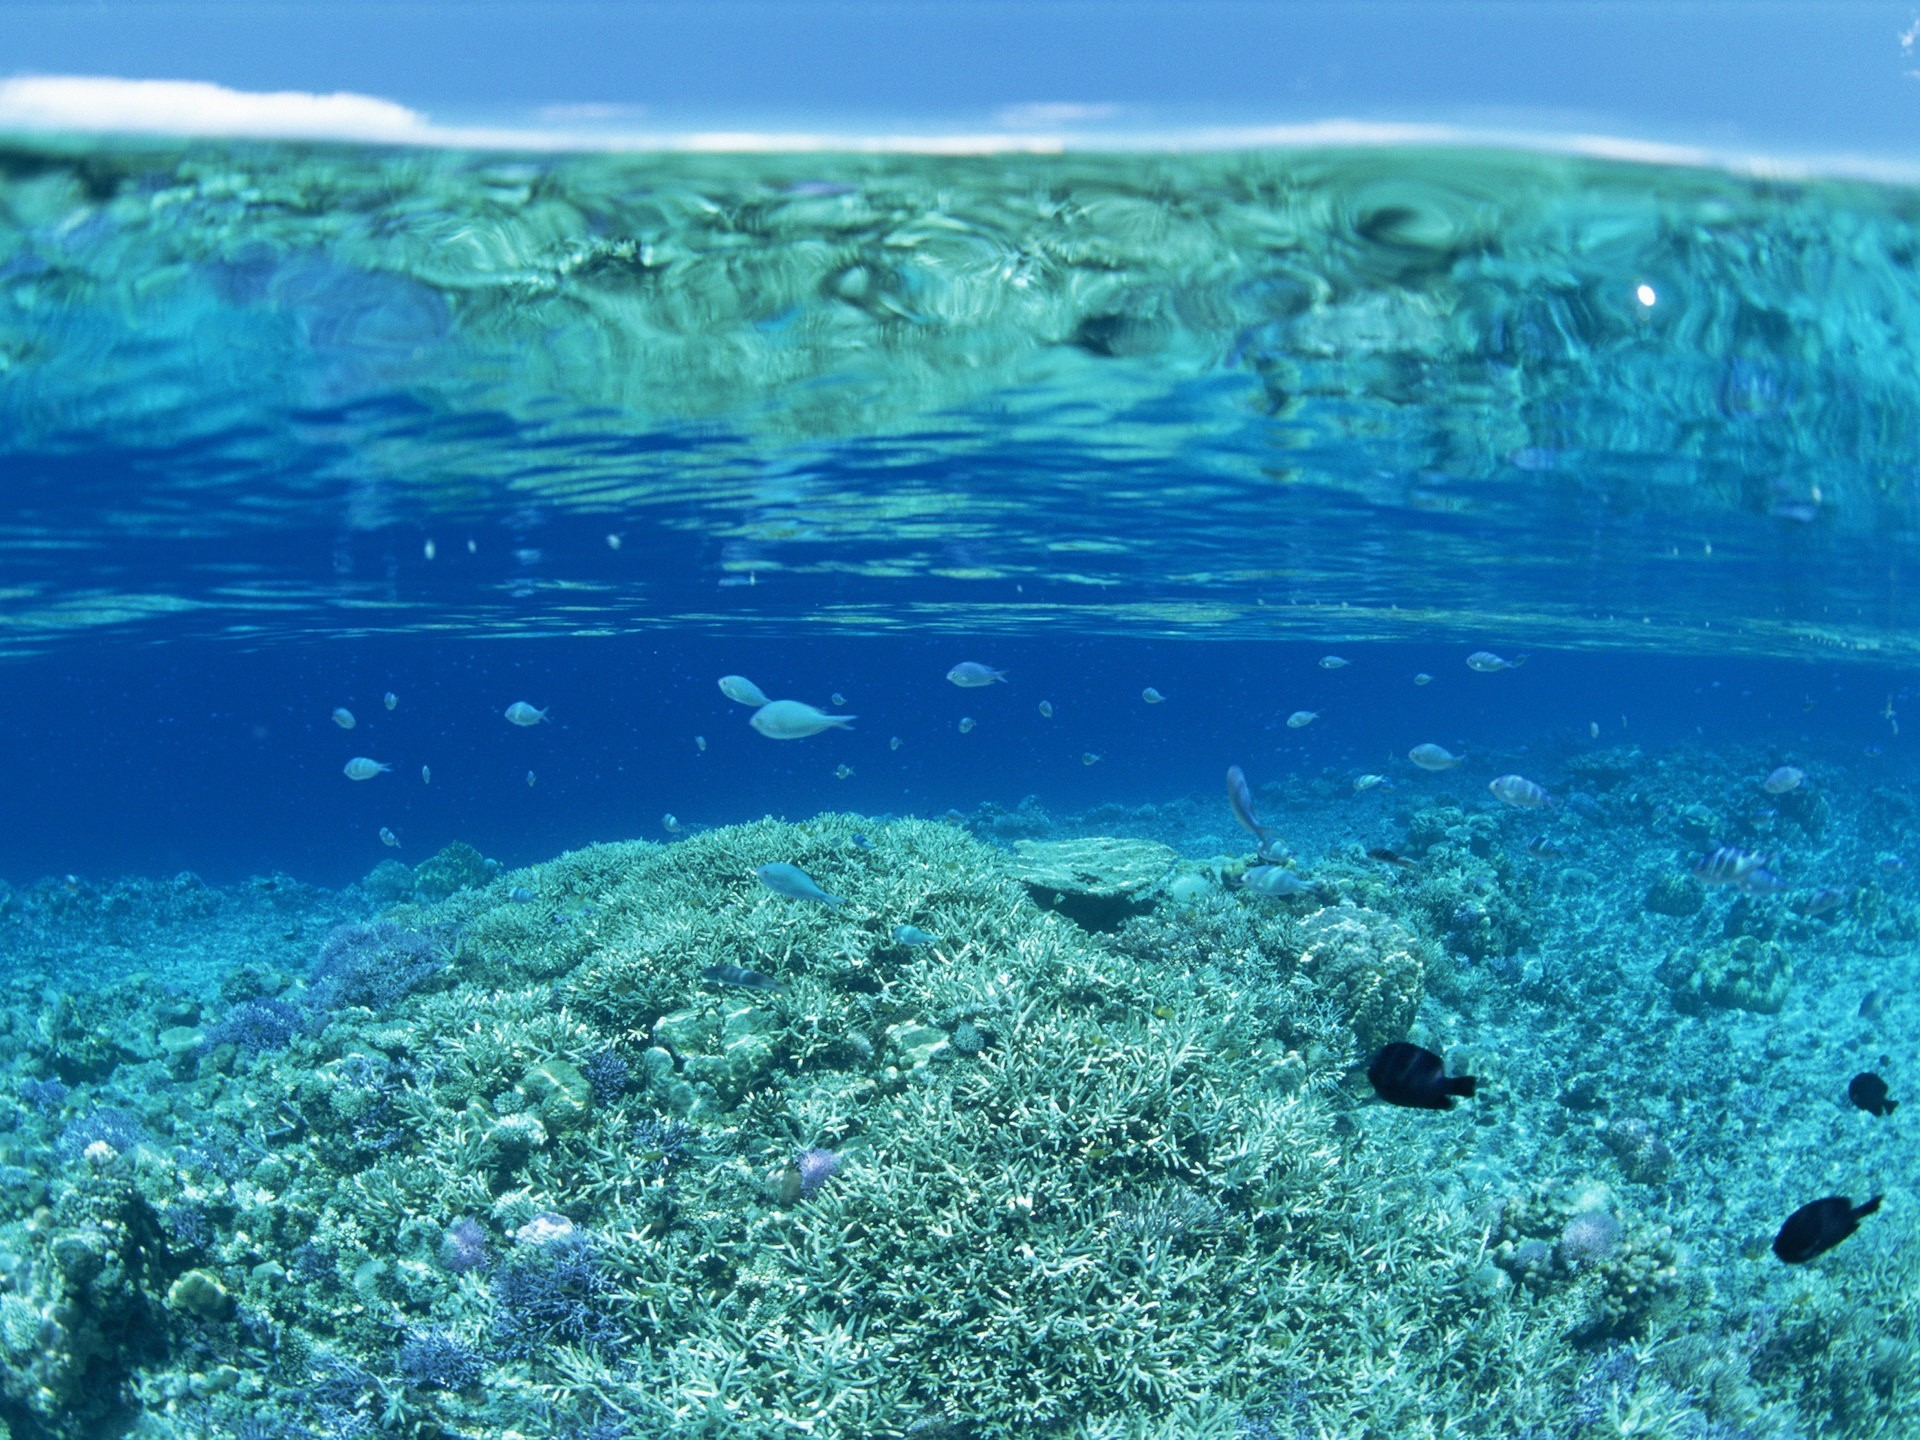 переспала картинки под водой высокого качества тумба